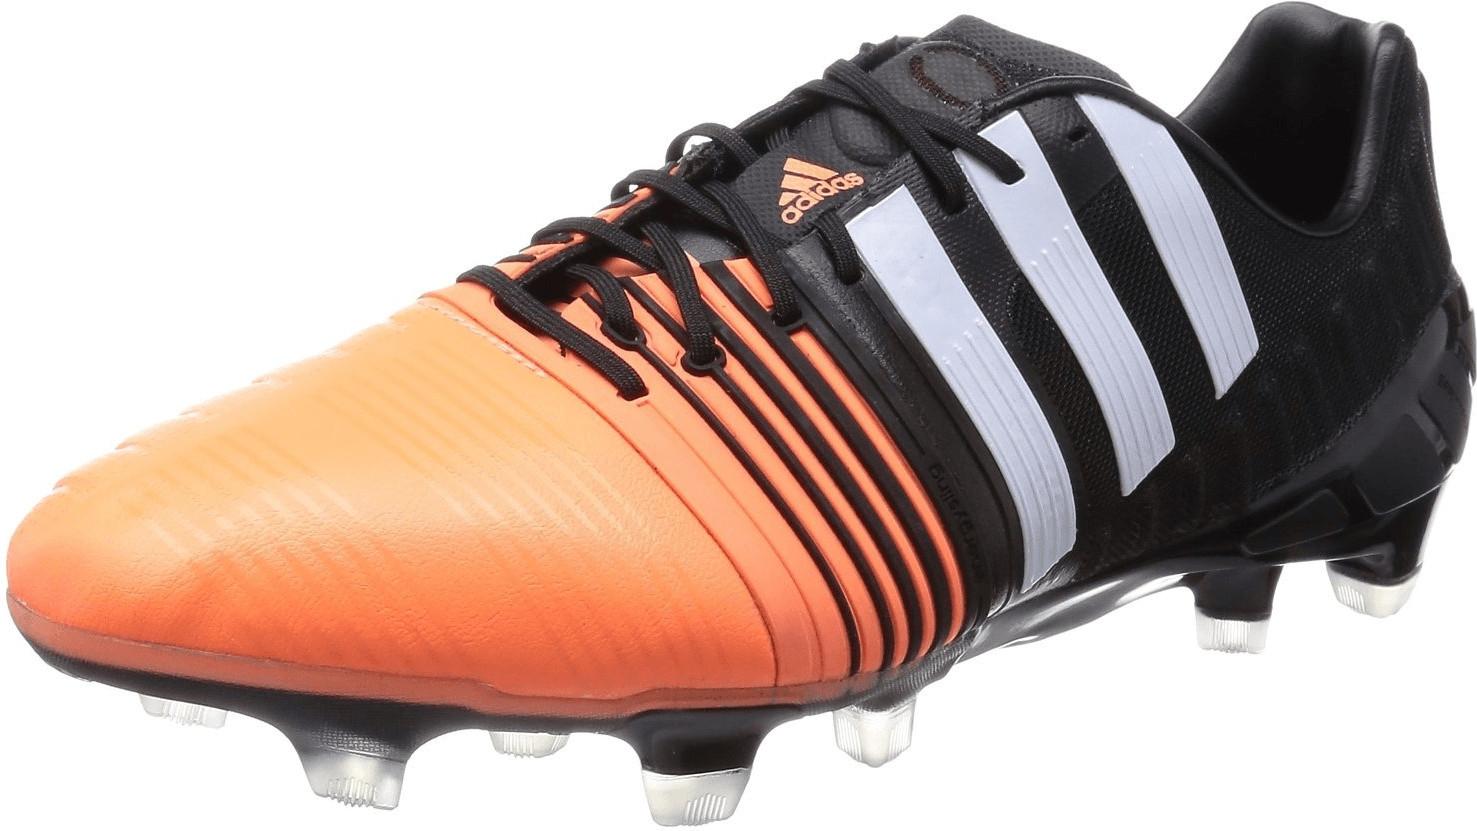 Adidas Nitrocharge 1.0 Fg Negro Naranja Hombre Botines de Fútbol con Tapones